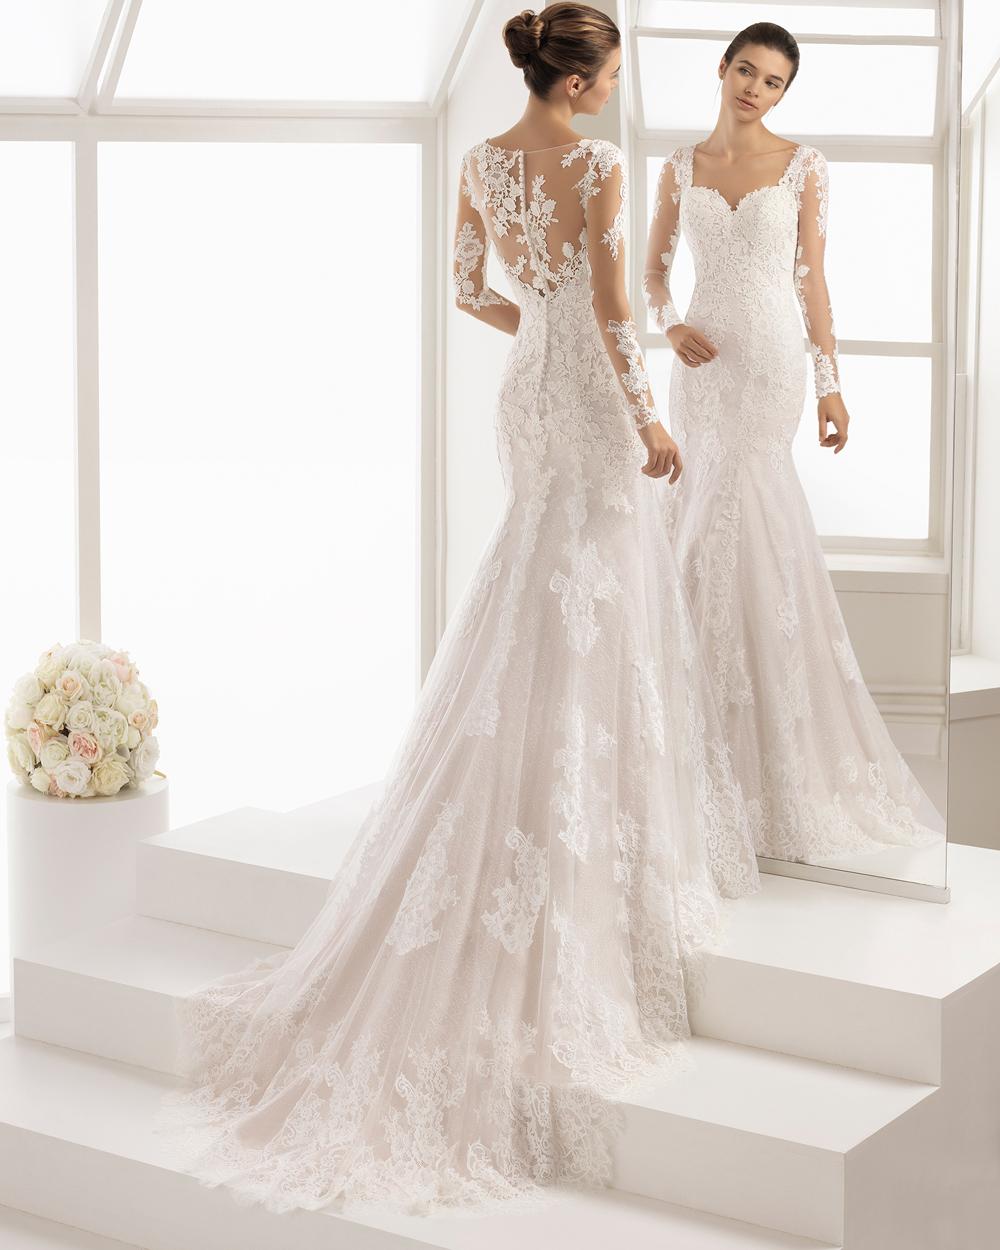 4a81d30acfe6 Perché interpreta gli stilemi classici dell abito da sposa in modo  assolutamente irresistibile.